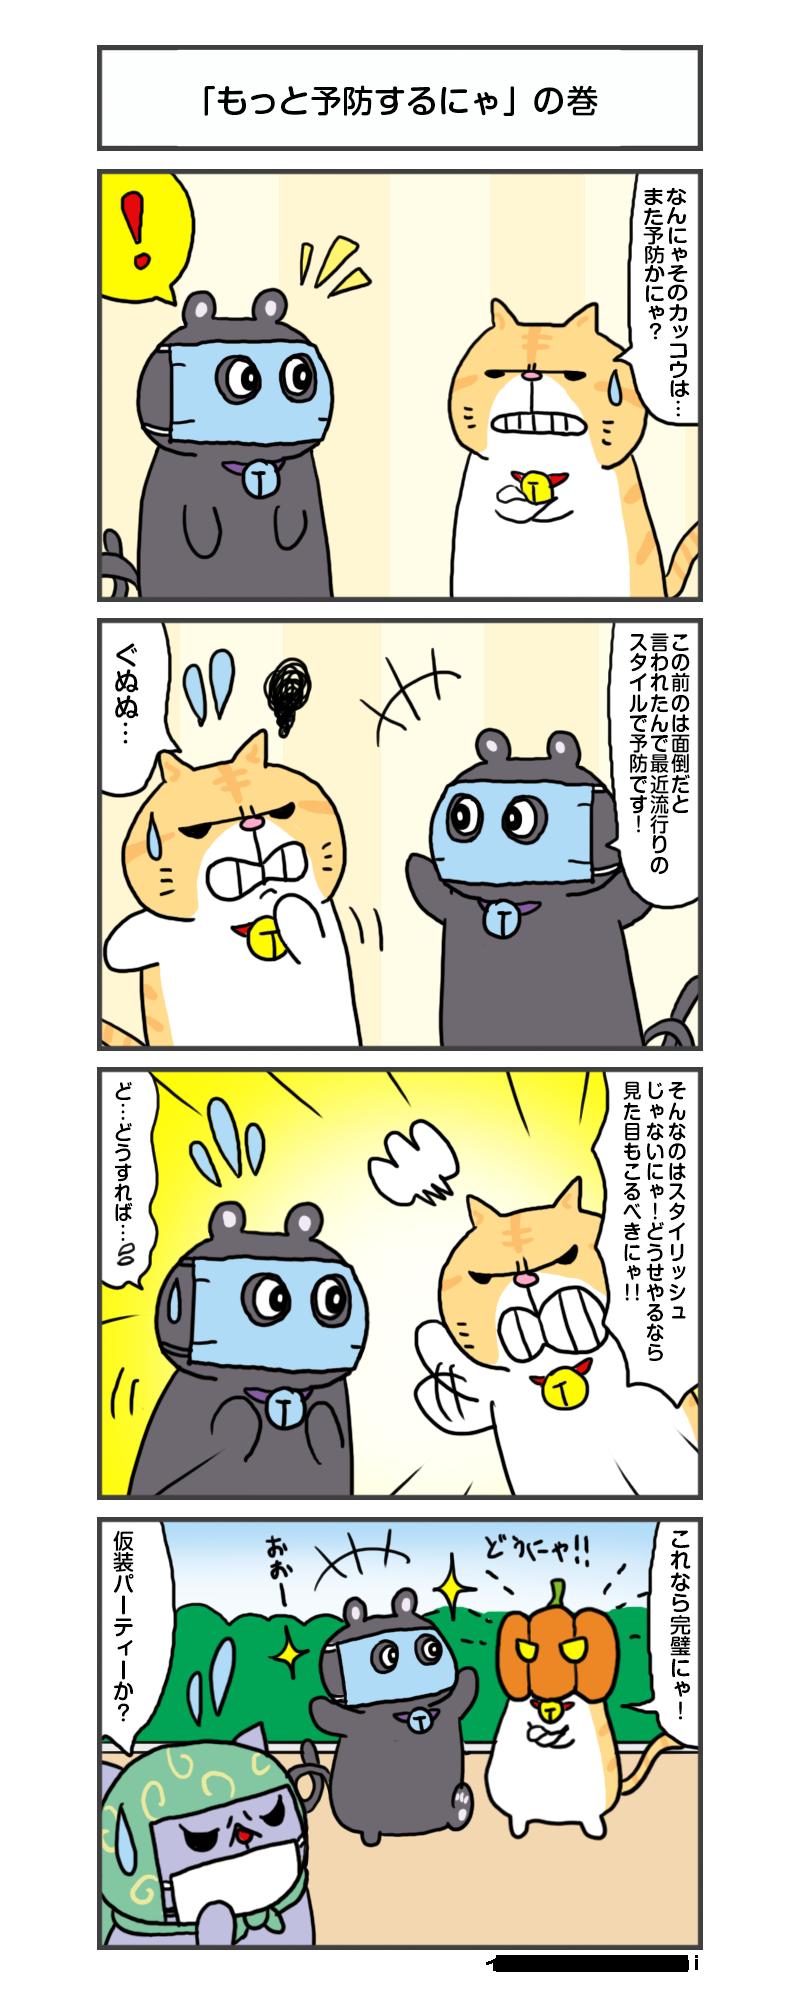 縺医″縺昴y縺・anga_vol.239